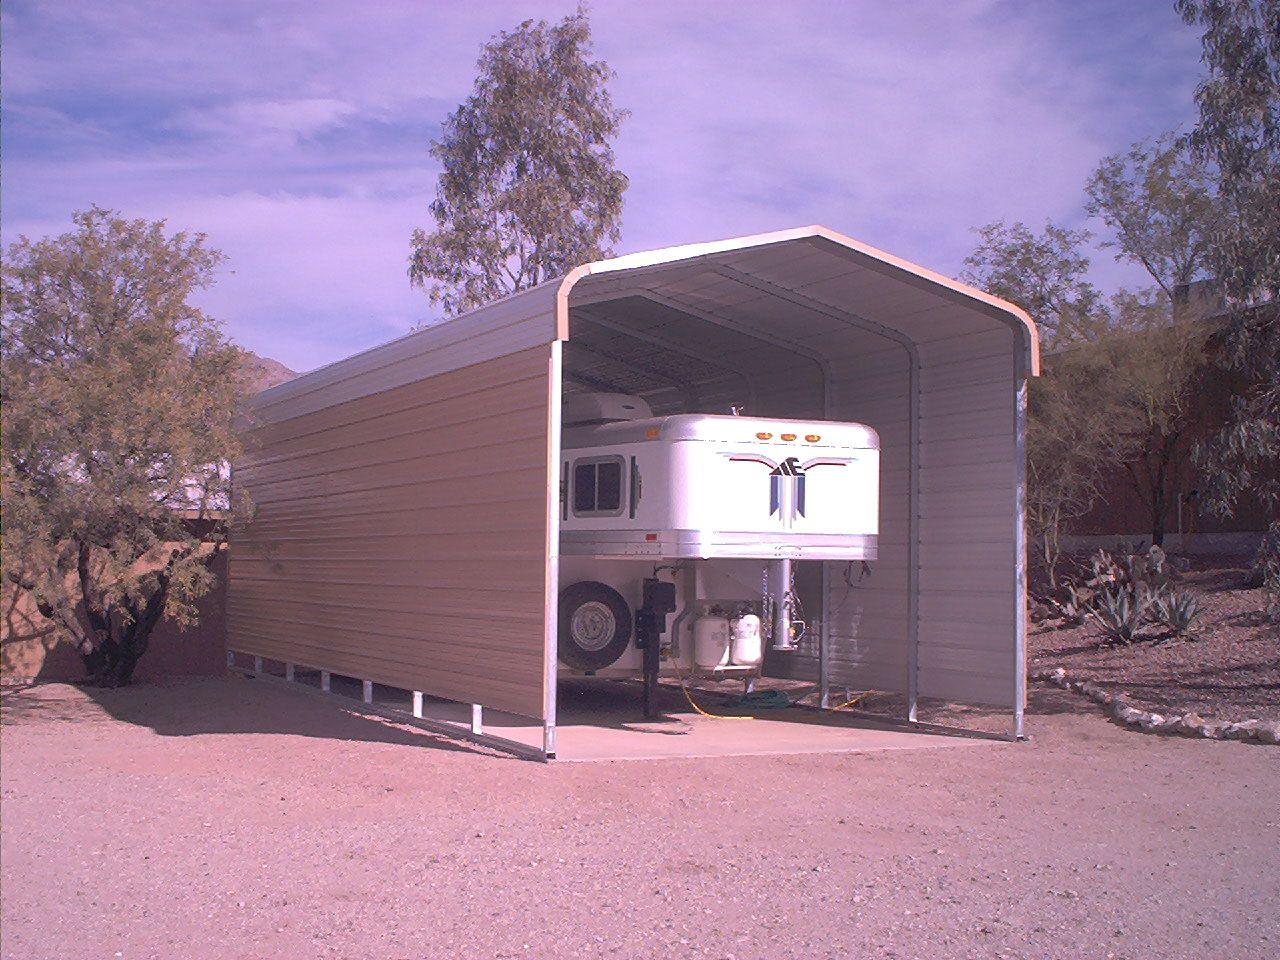 3 Sided Steel Carport for RV by Absolute Steel Steel